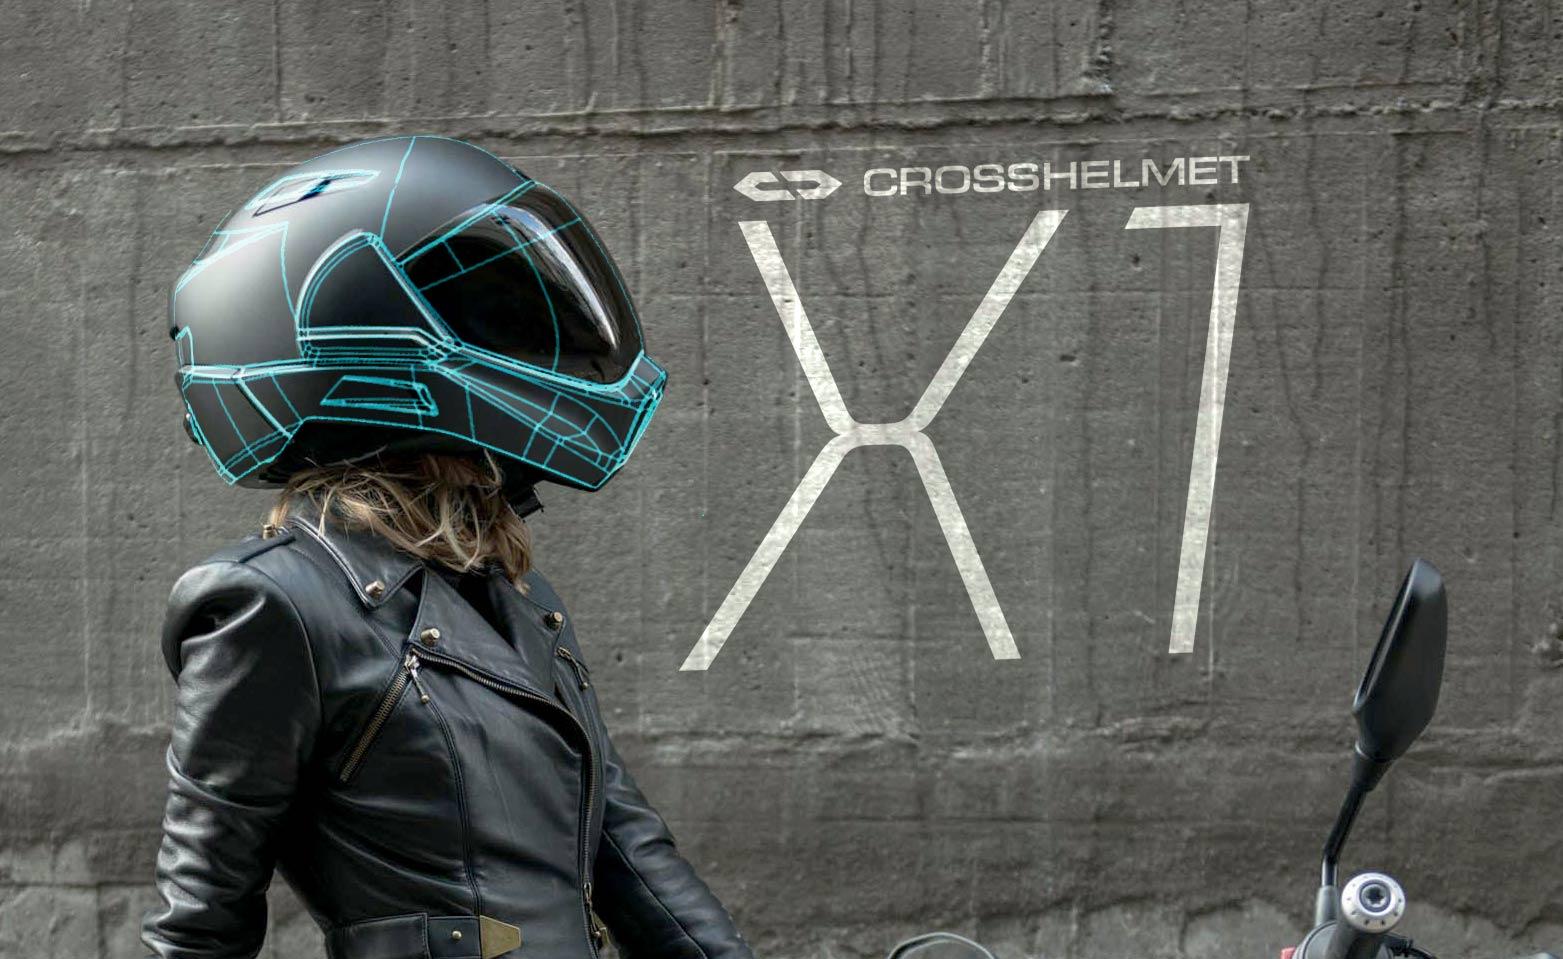 Crosshelmet X1, precio y todos los detalles del casco que quiere revolucionar el sector